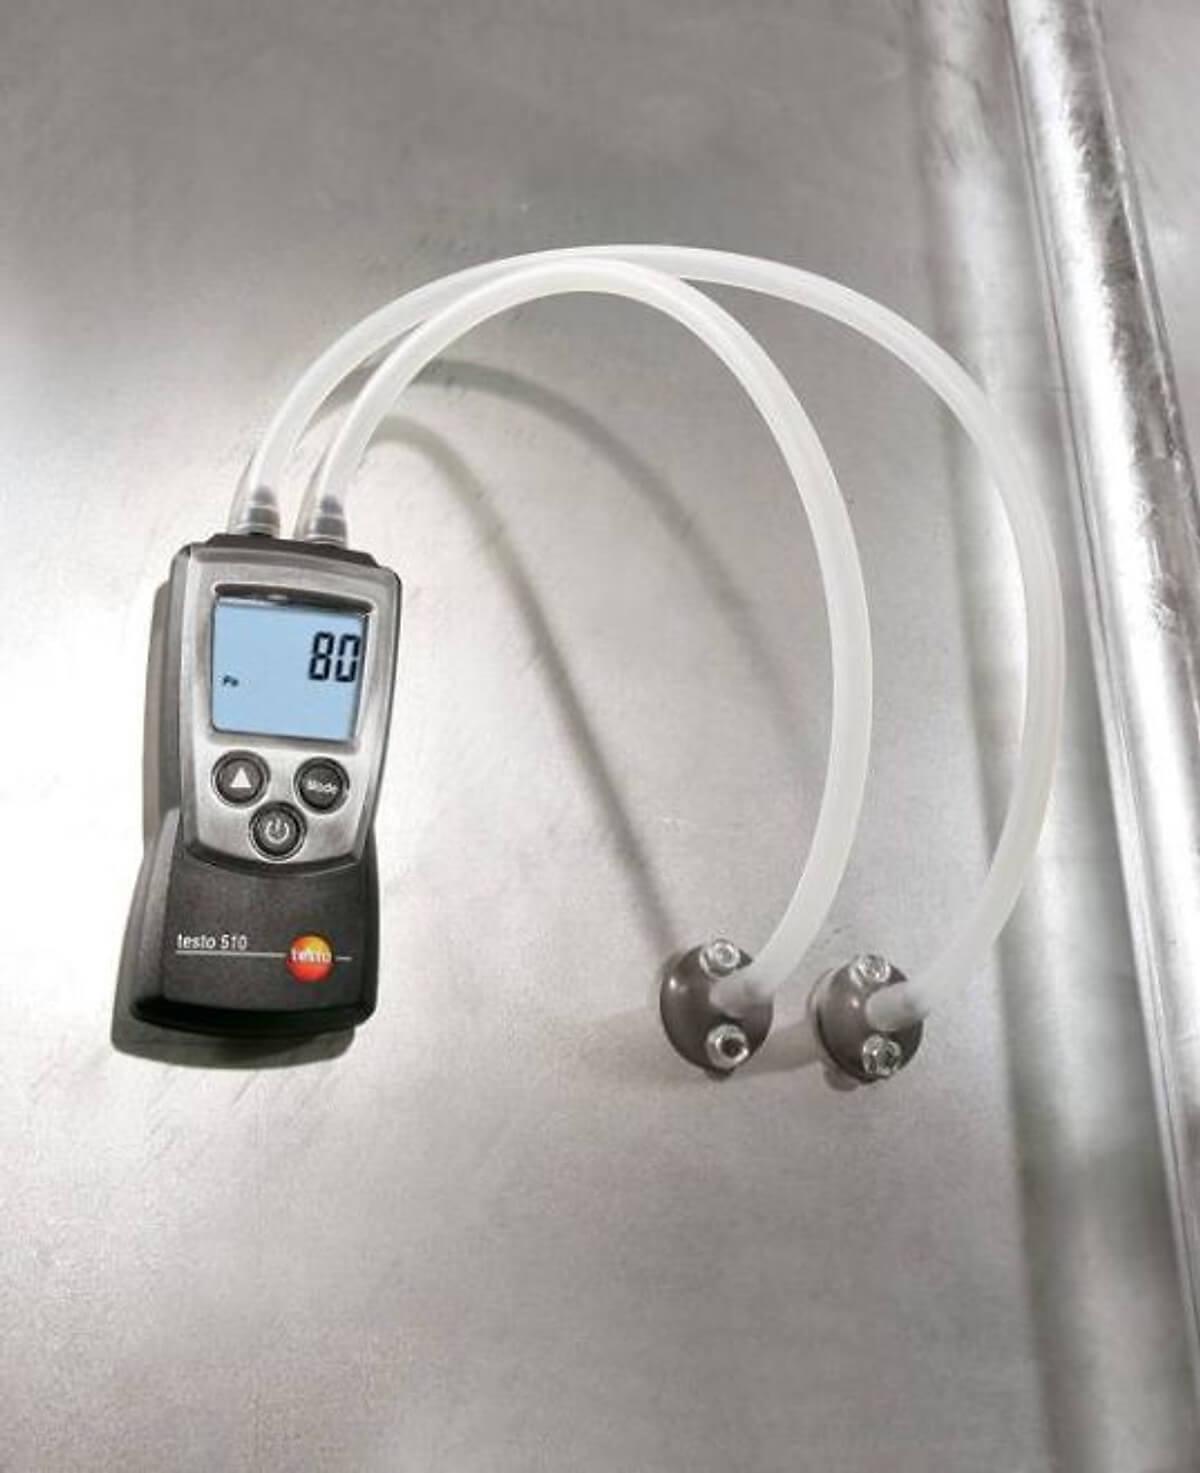 Máy đo áp suất là gì